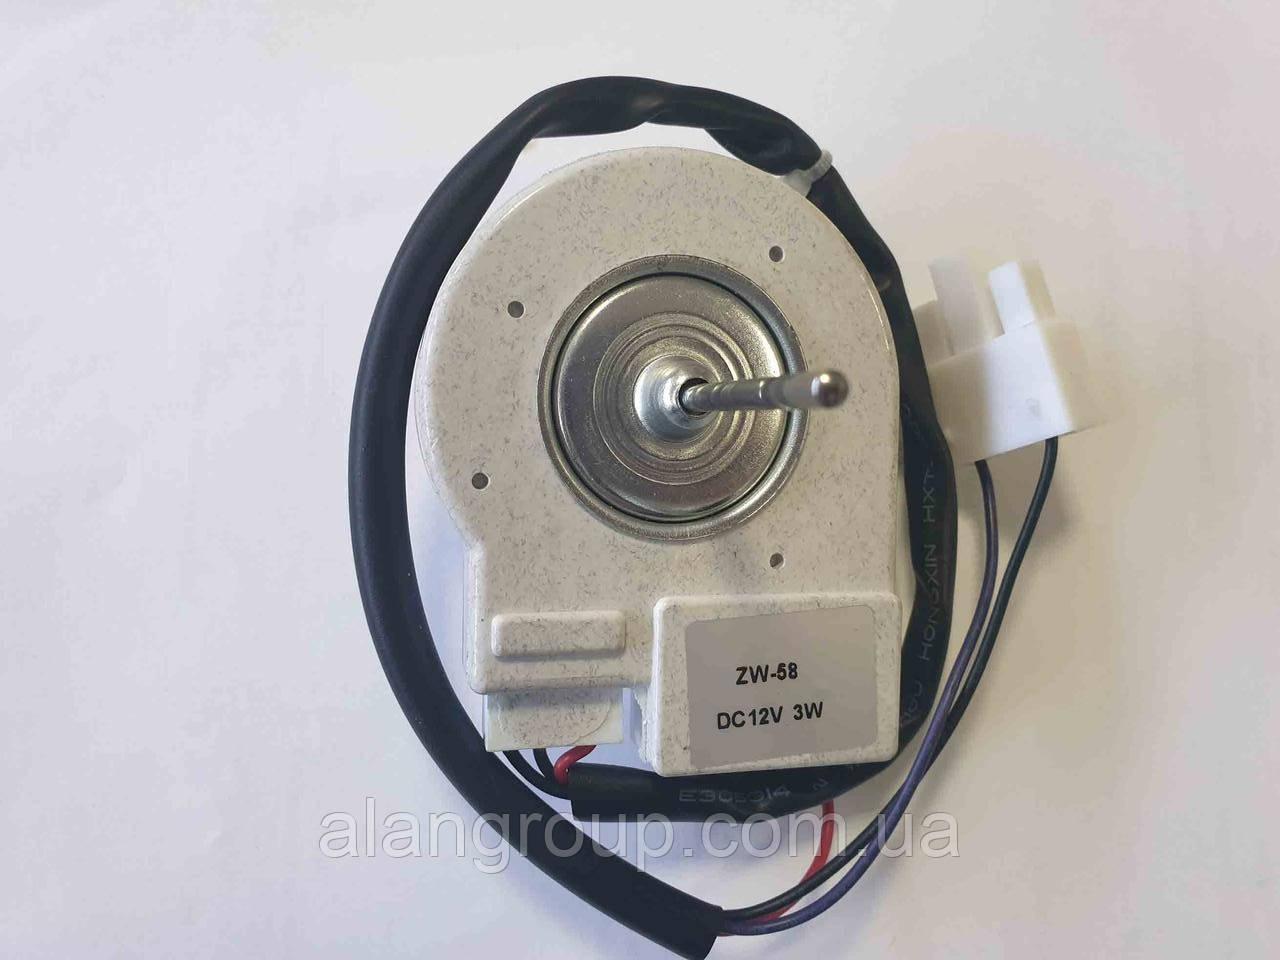 Вентилятор Samsung ZW-58 12V,3W